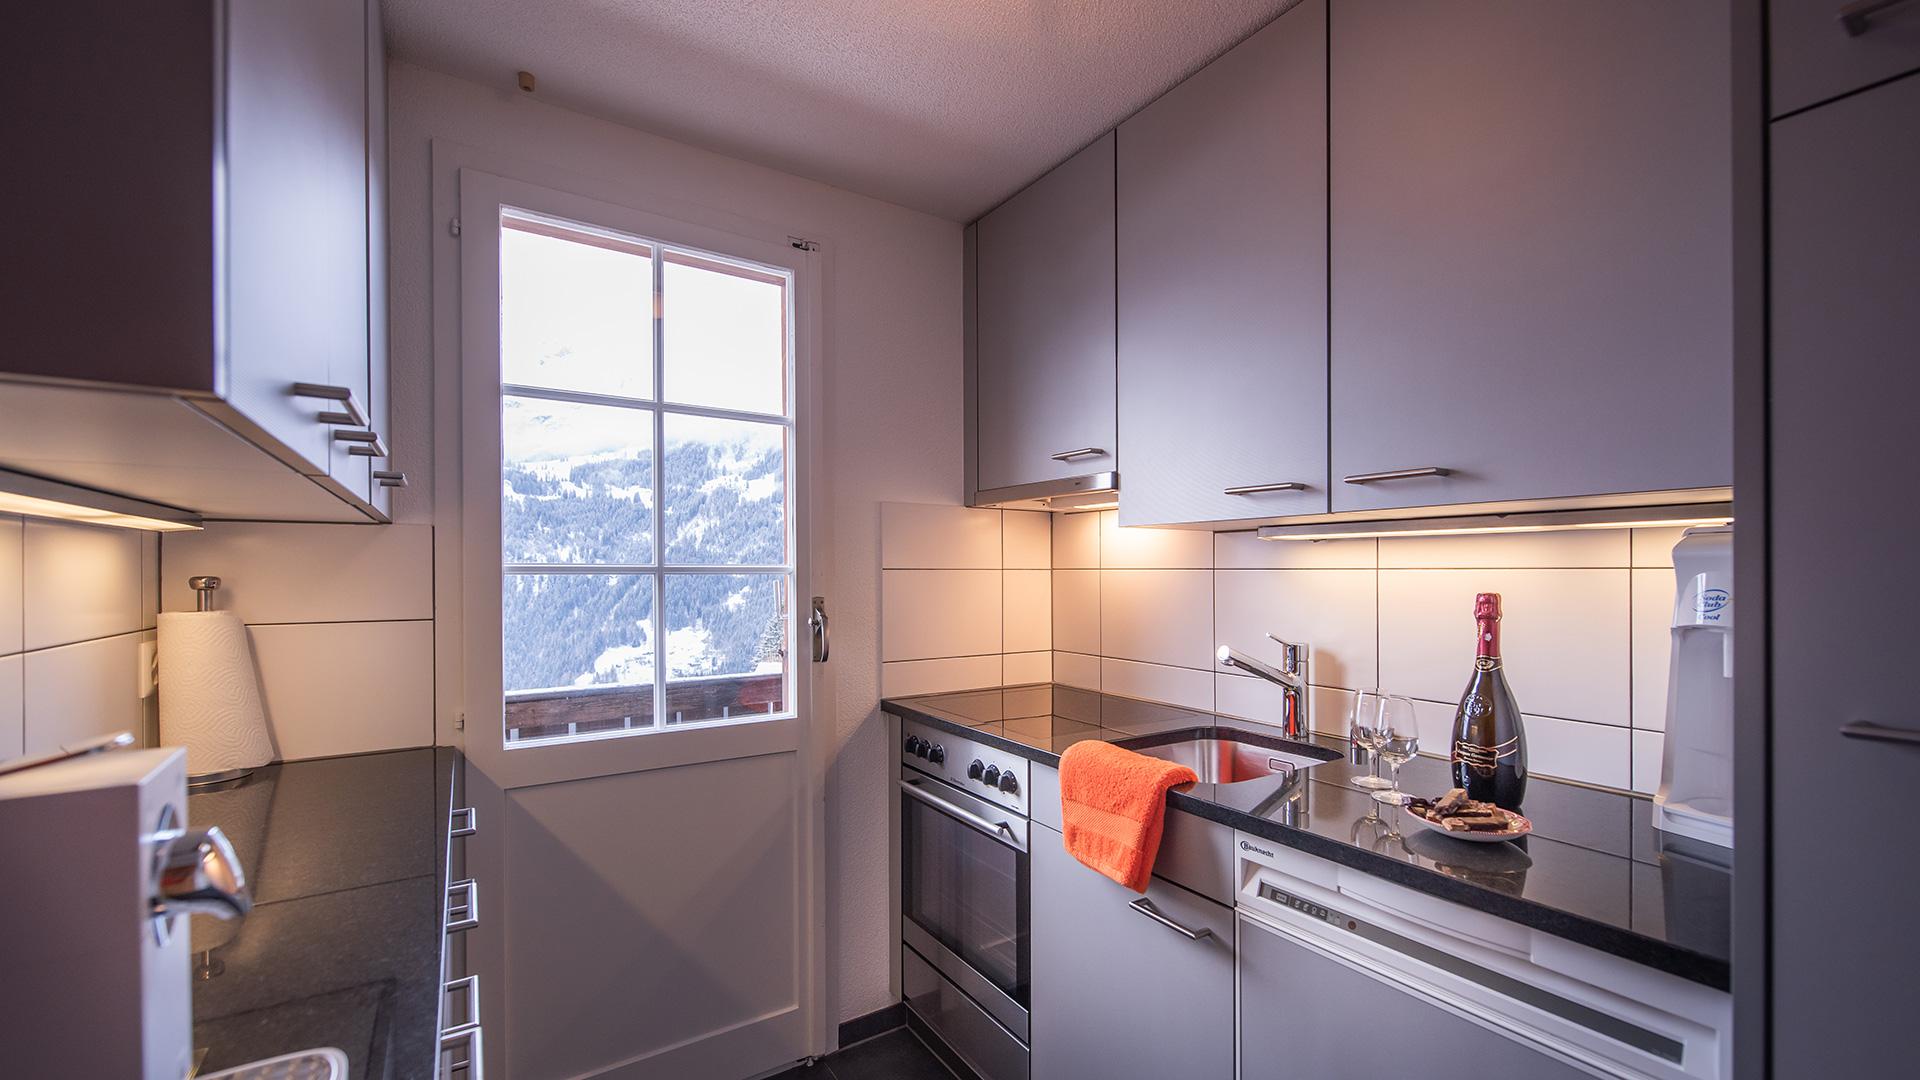 Chalet Mutzli Chalet, Switzerland